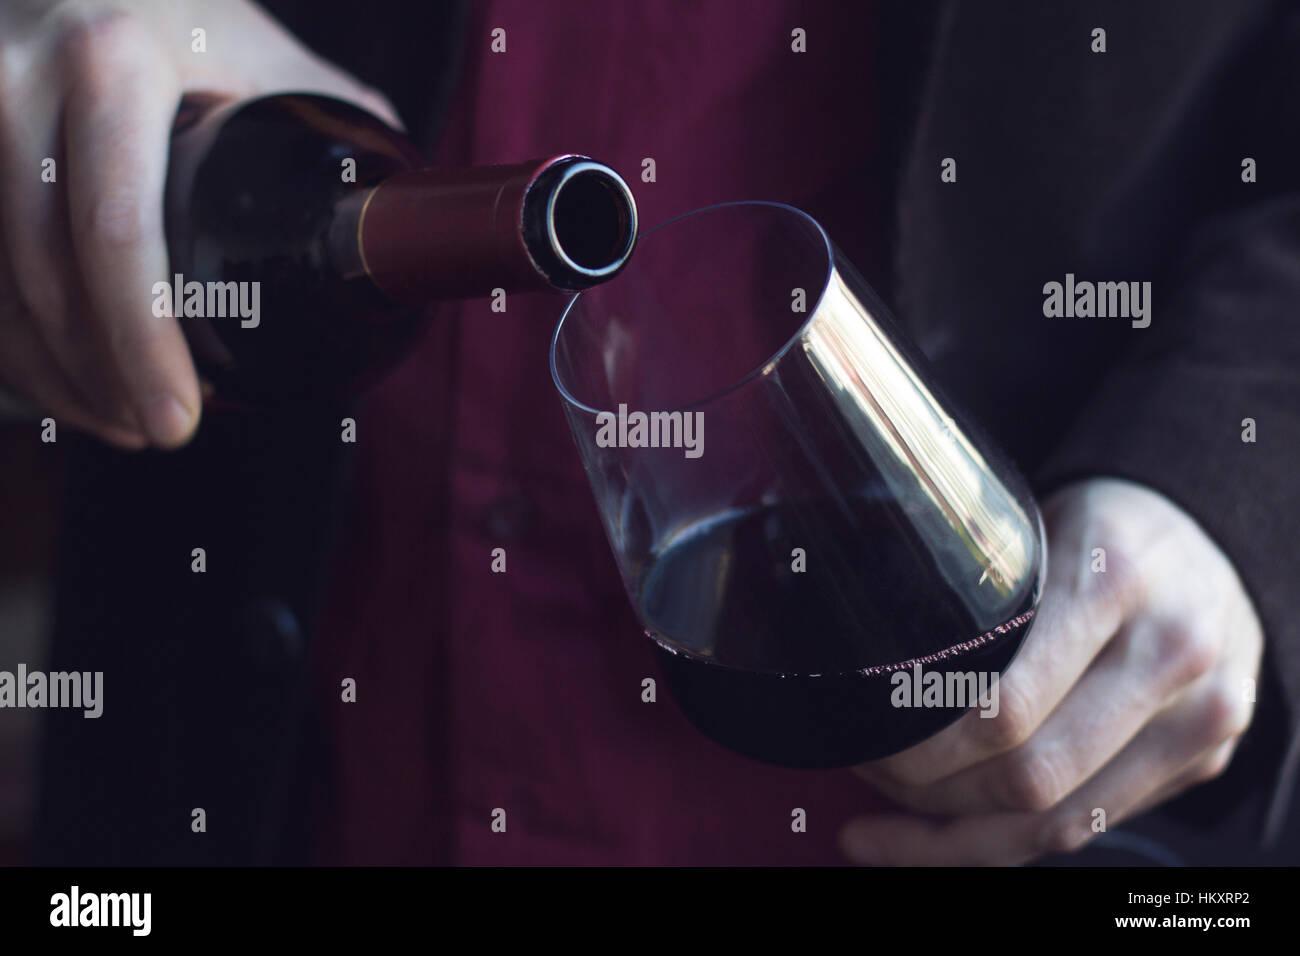 Cierre horizontal de caucásico hombre en traje negro camisa y verter el vino tinto en un vaso en un bar. Imagen De Stock